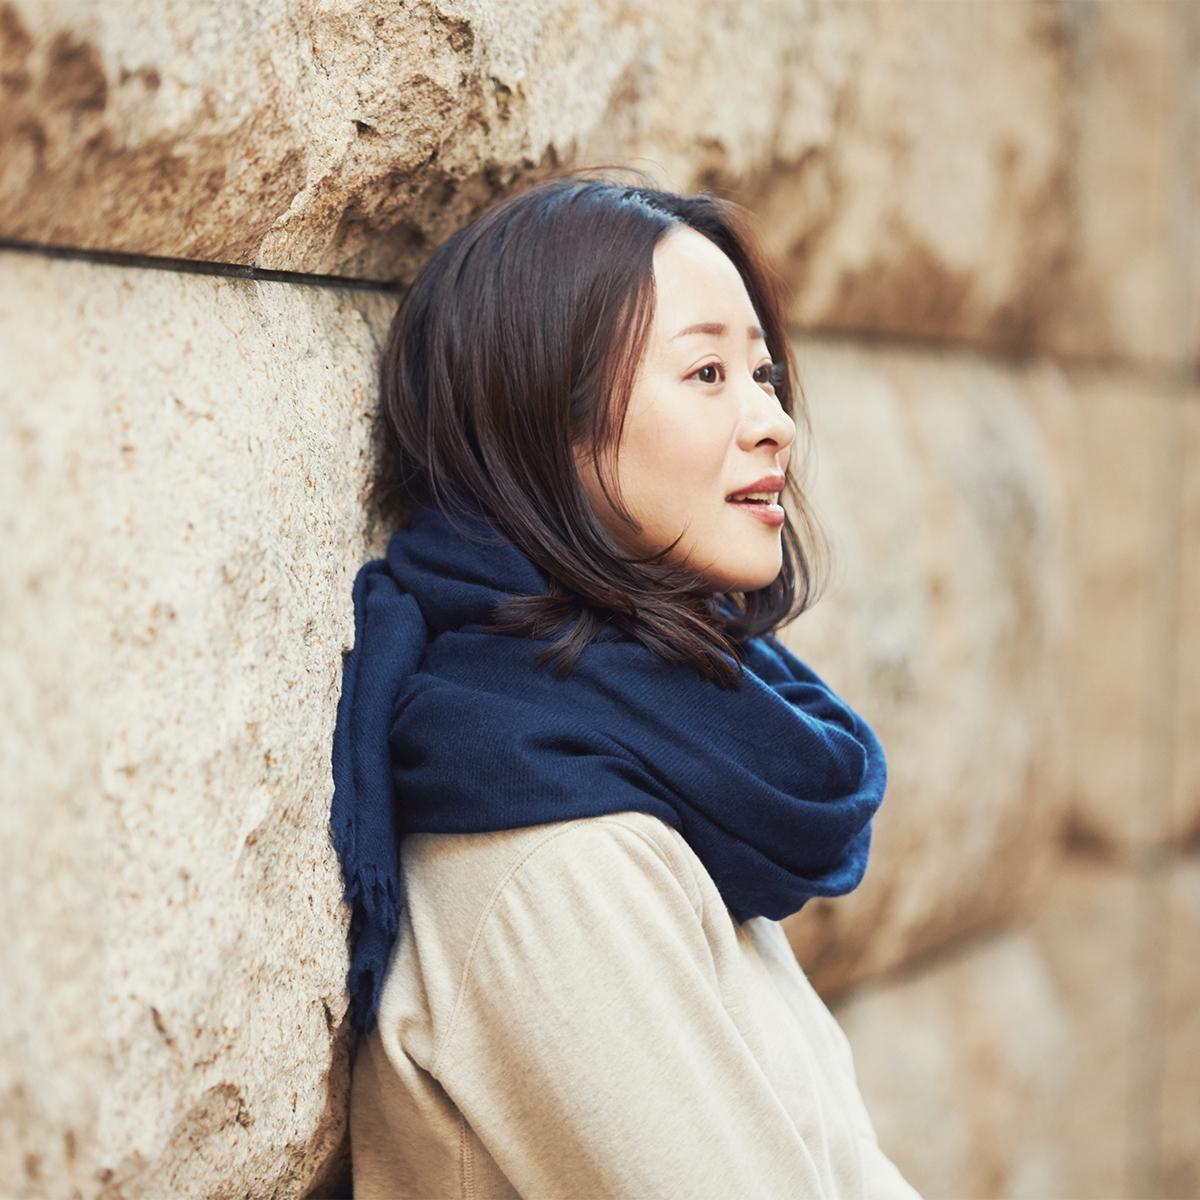 上質なものを知る大人に。外でも家でも手放したくなくなるほど、心地よい暖かさの超大判カシミアストール|ADOS(エイドス)curum